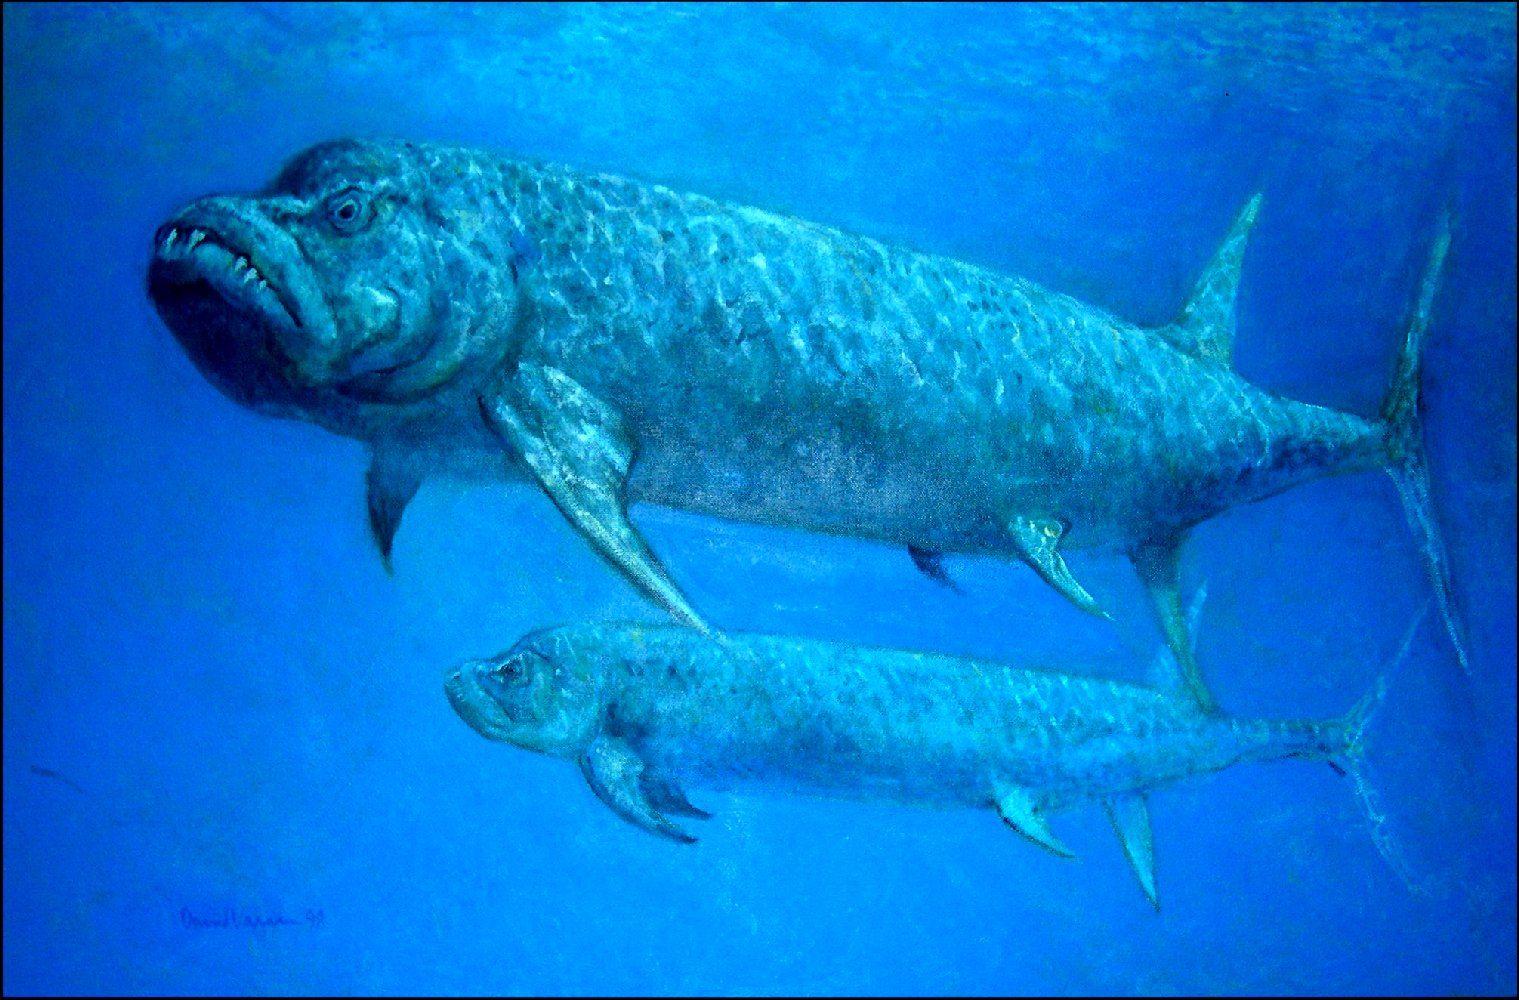 Ocean Dinsaurs The Prehistoric Ocean Illustrations Of Dinosaurs